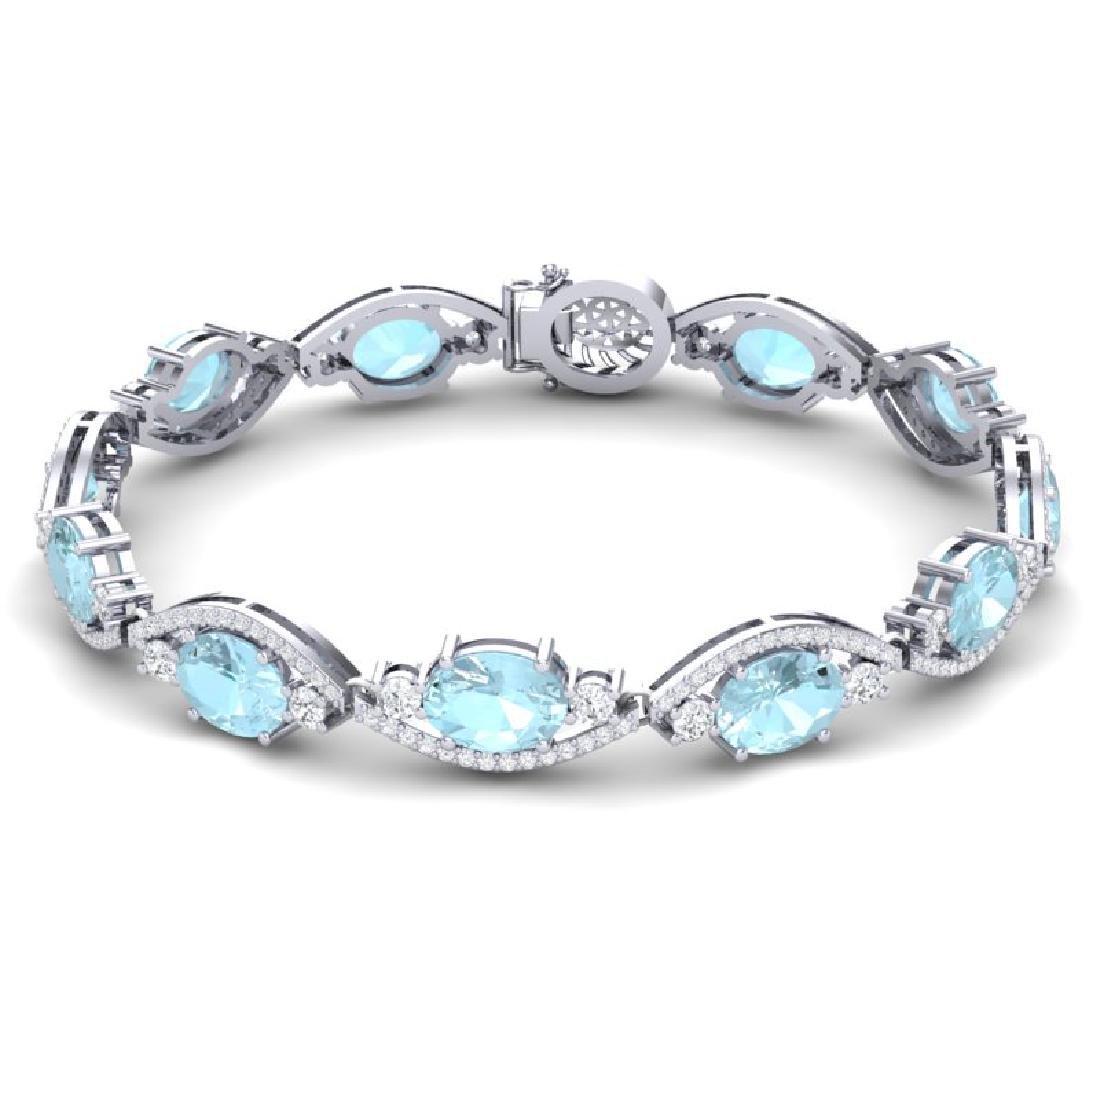 21.6 CTW Royalty Sky Topaz & VS Diamond Bracelet 18K - 3